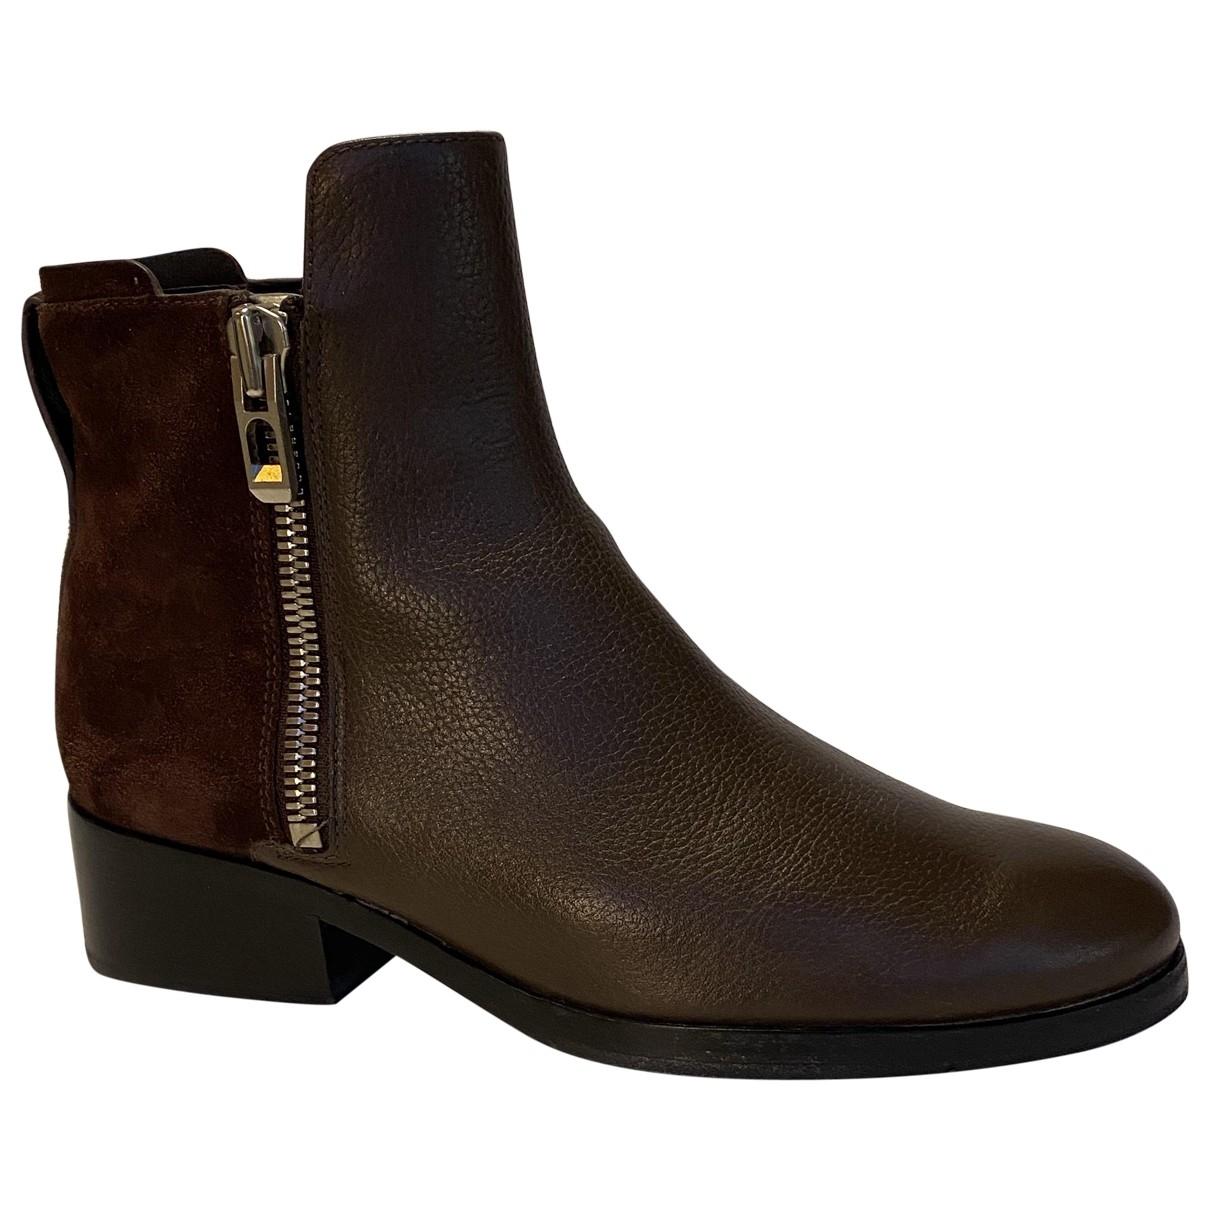 3.1 Phillip Lim - Boots   pour femme en cuir - marron